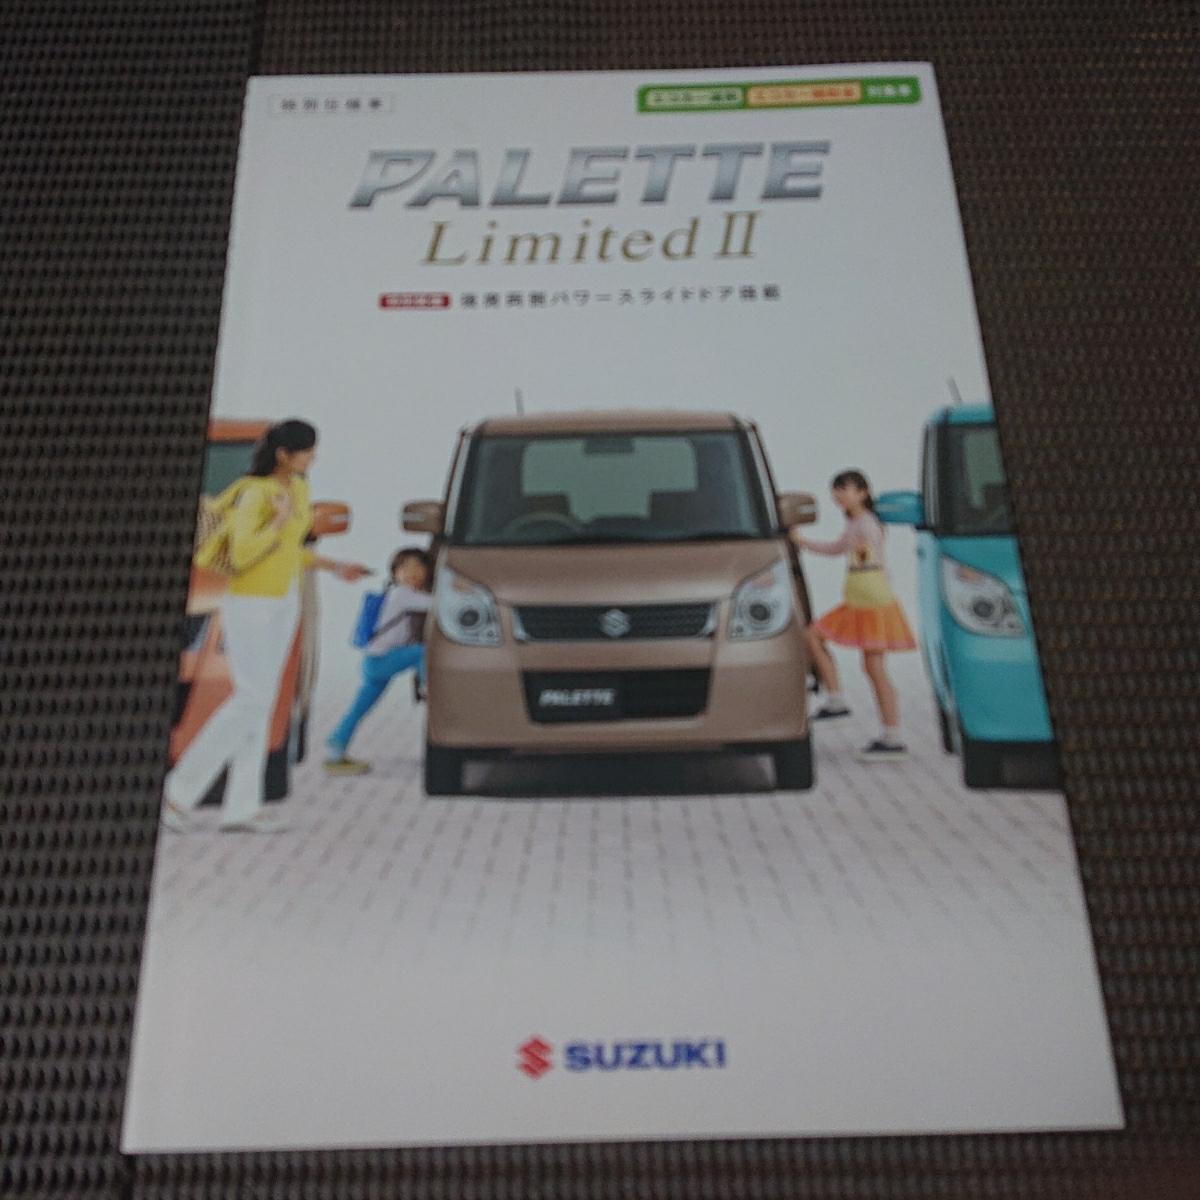 パレットリミテッドⅡカタログ2012/4平成24年4月SUZUKI PALETTE LIMITED II Japanese Brochure_画像1